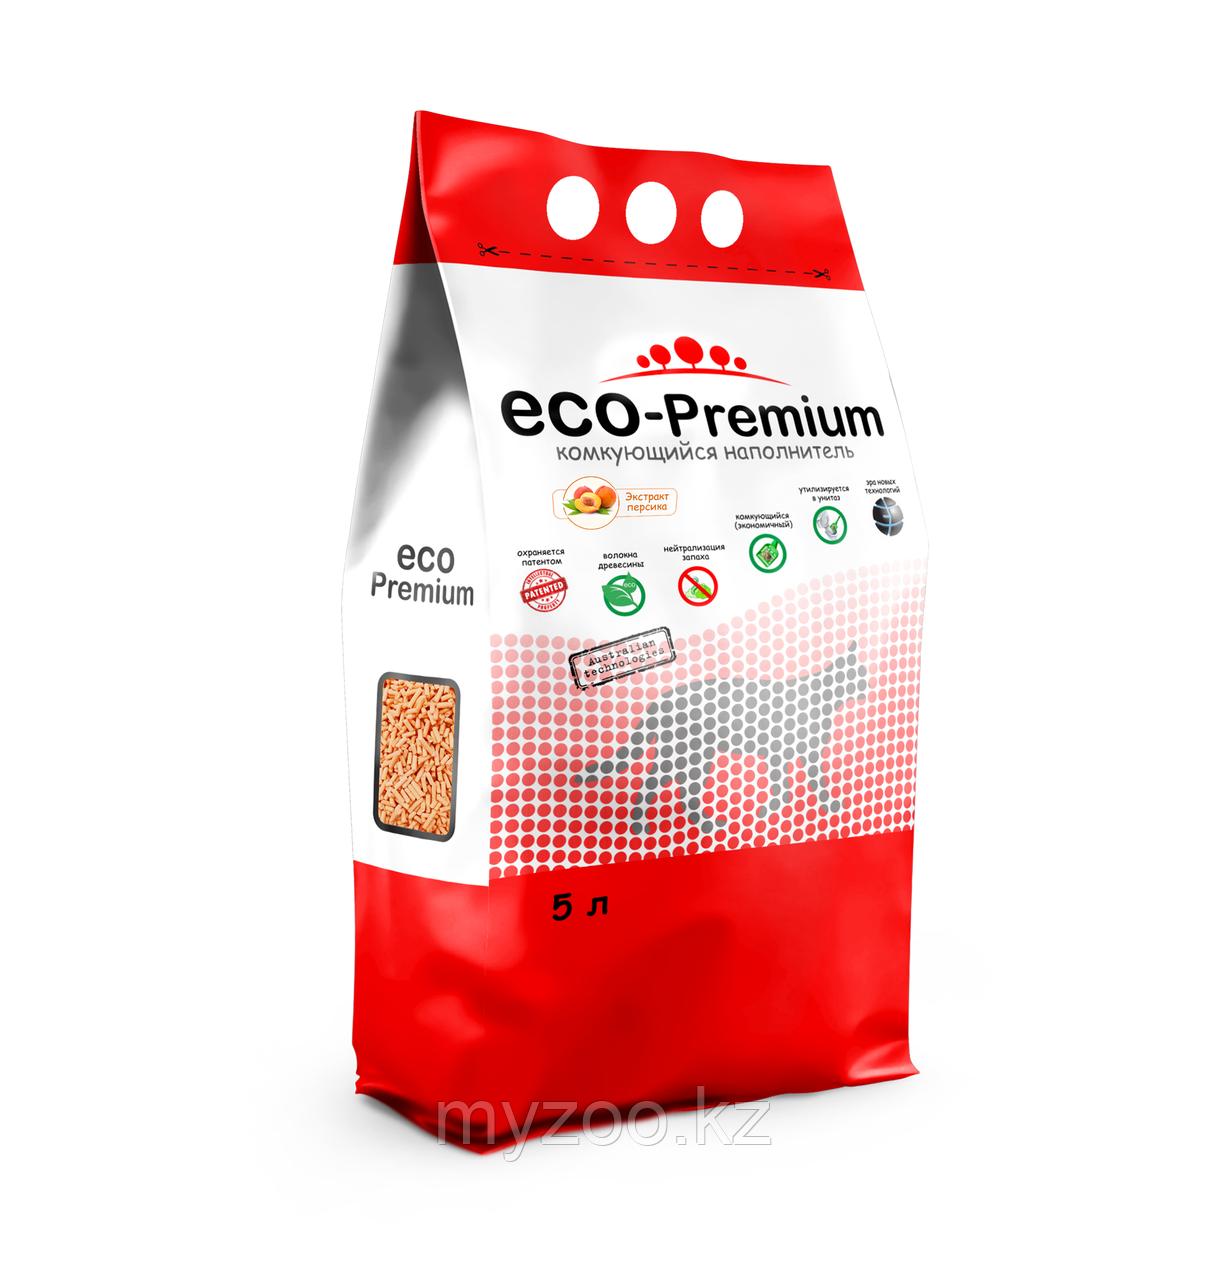 ECO-Premium Персик, 5 л  Эко-премиум комкующийся древесный наполнитель 